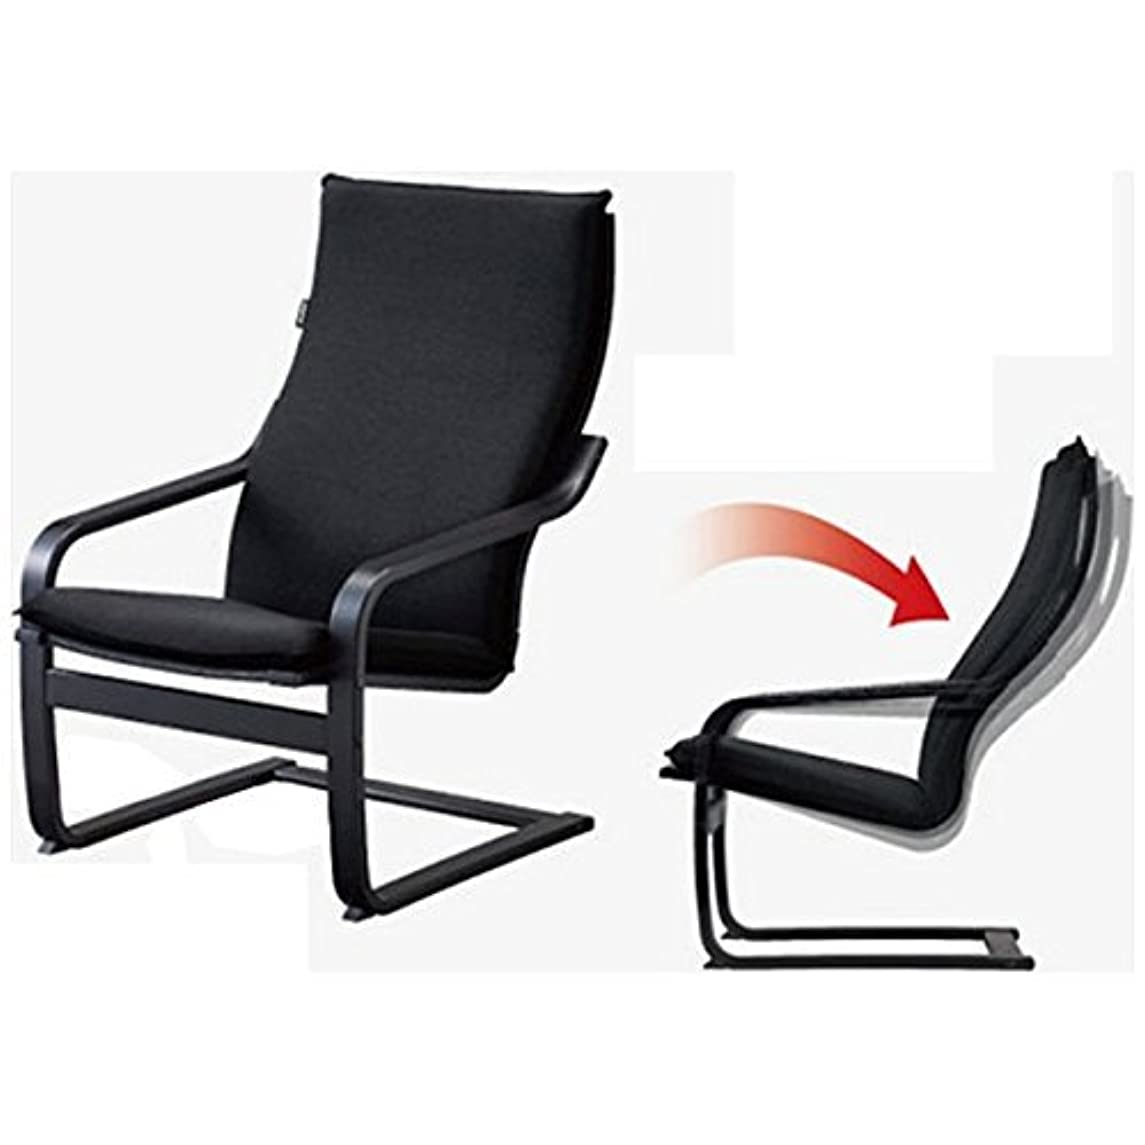 ランドリー視力レポートを書くフジ医療器 シートマッサージャー用チェア(ブラック)my relax(マイリラ) MRL-10C